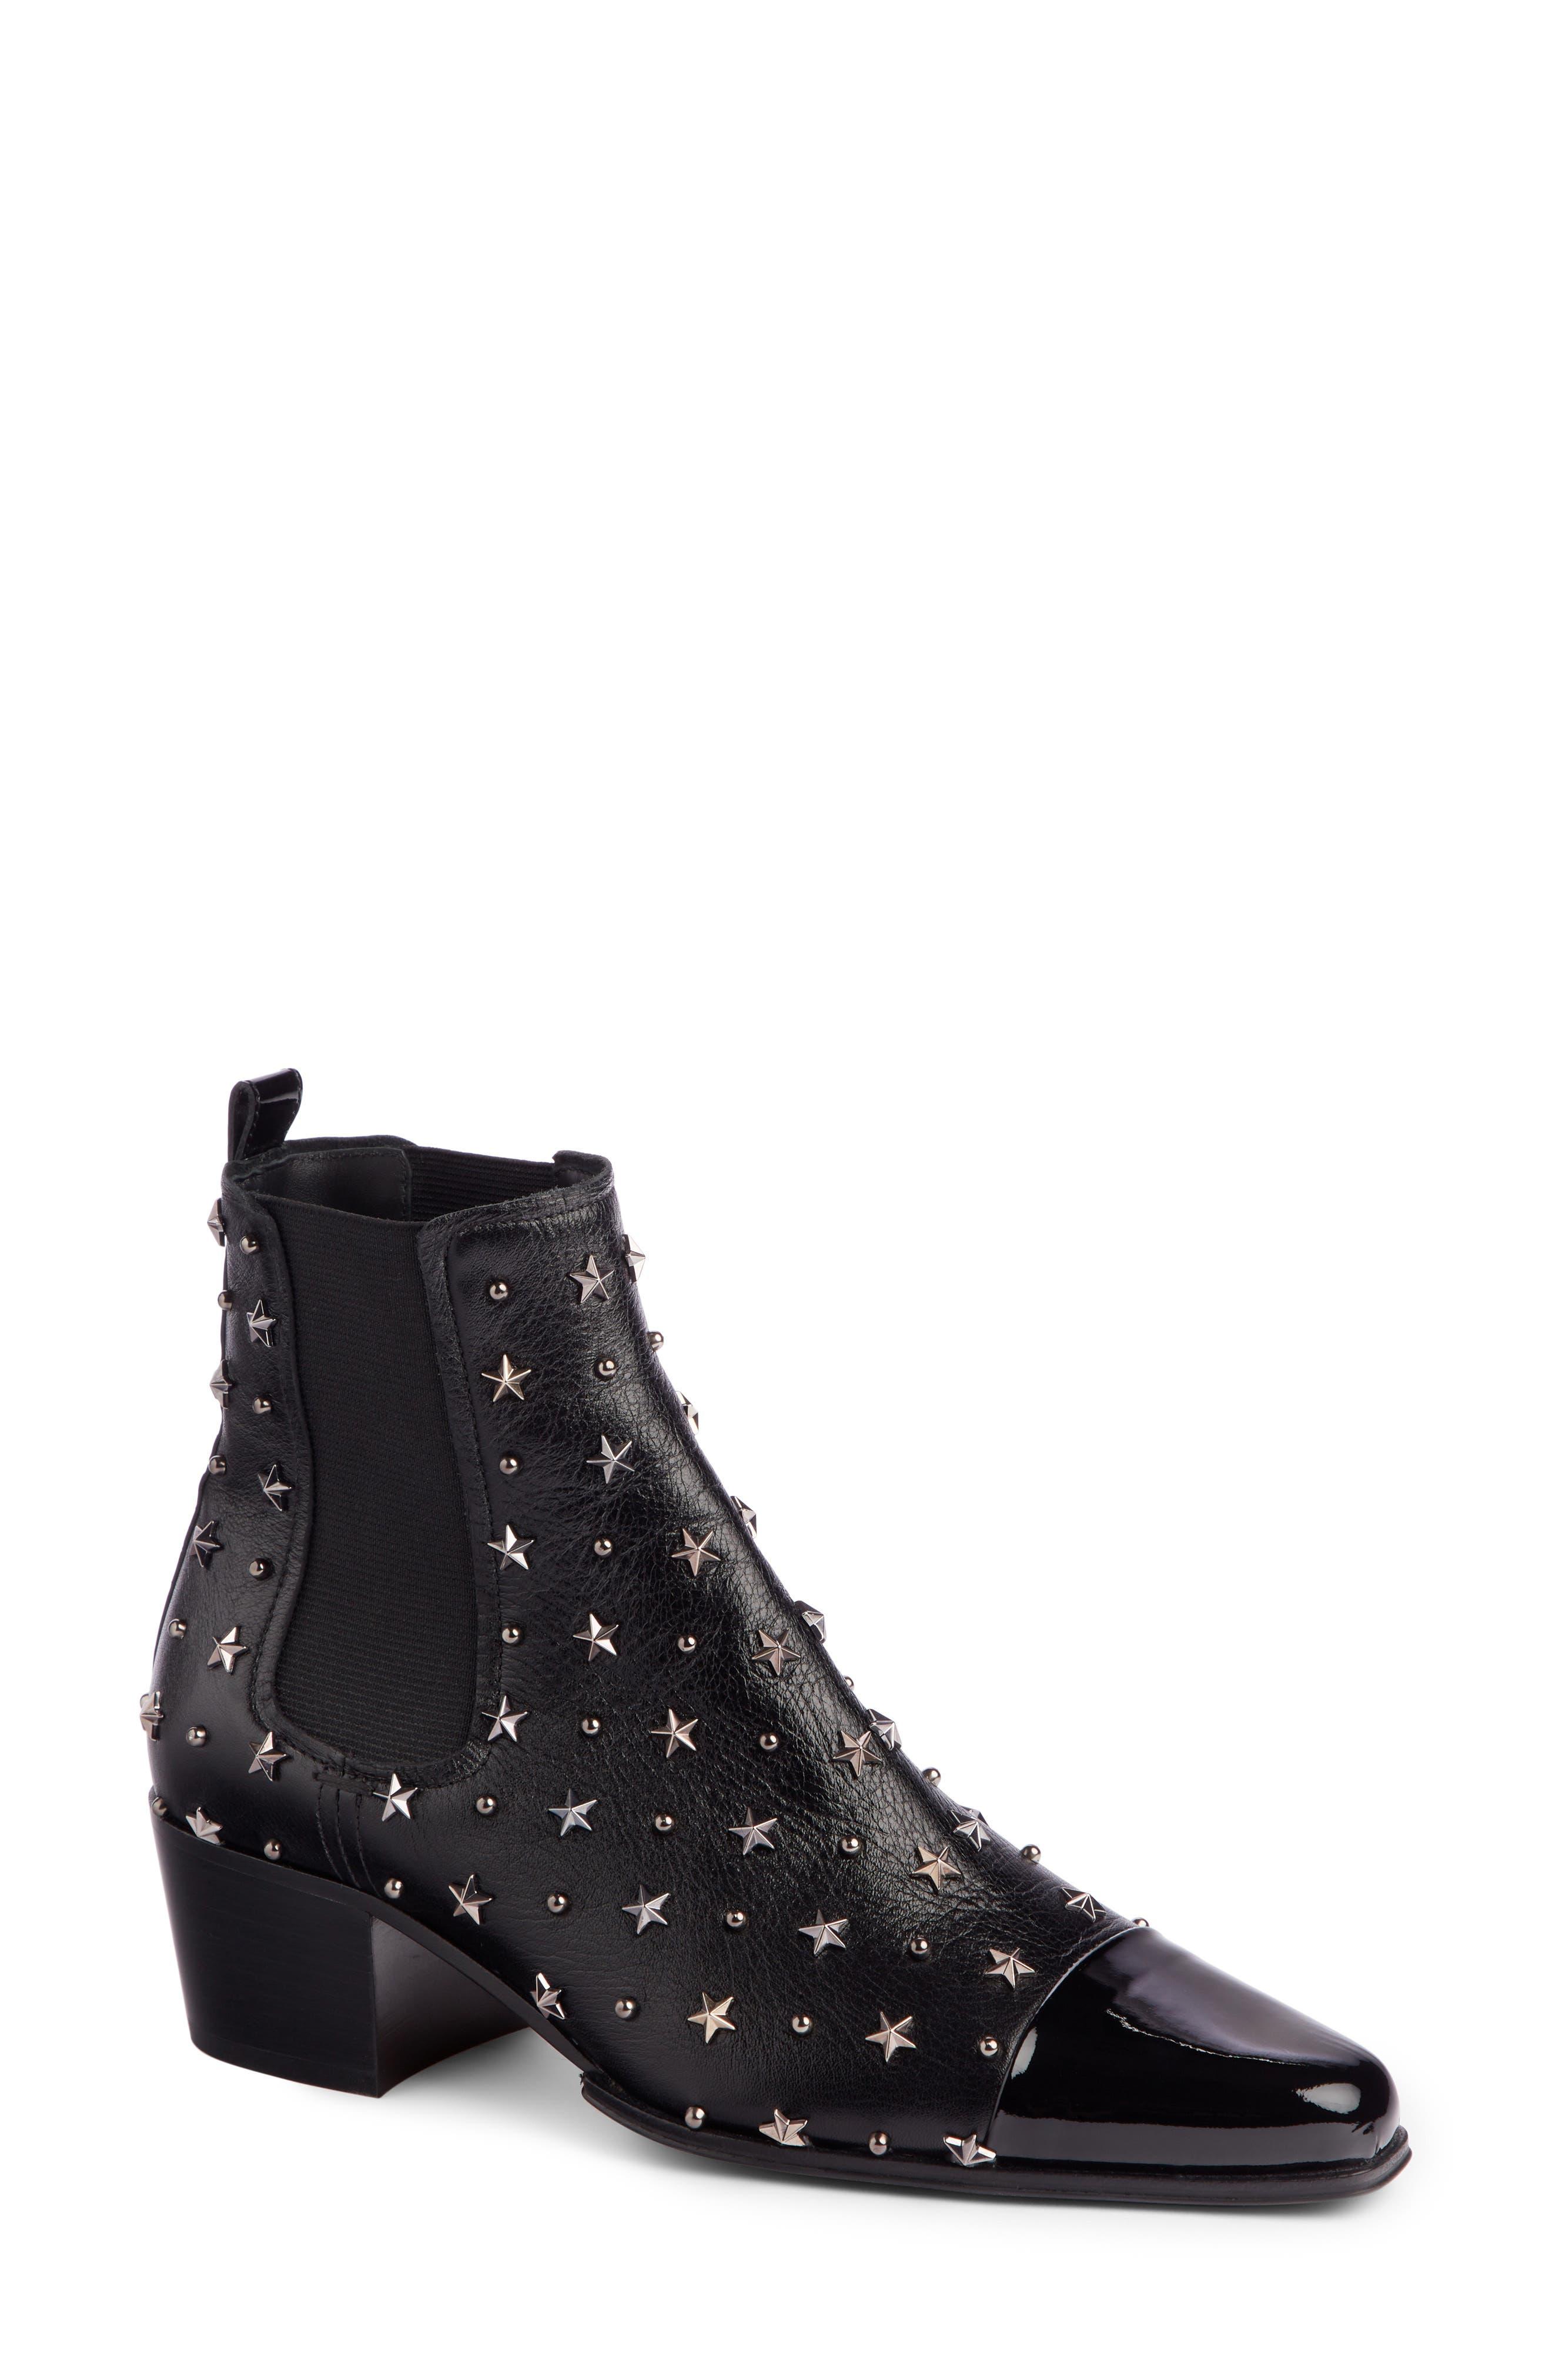 Balmain Arthemisia Studded Chelsea Boot (Women)